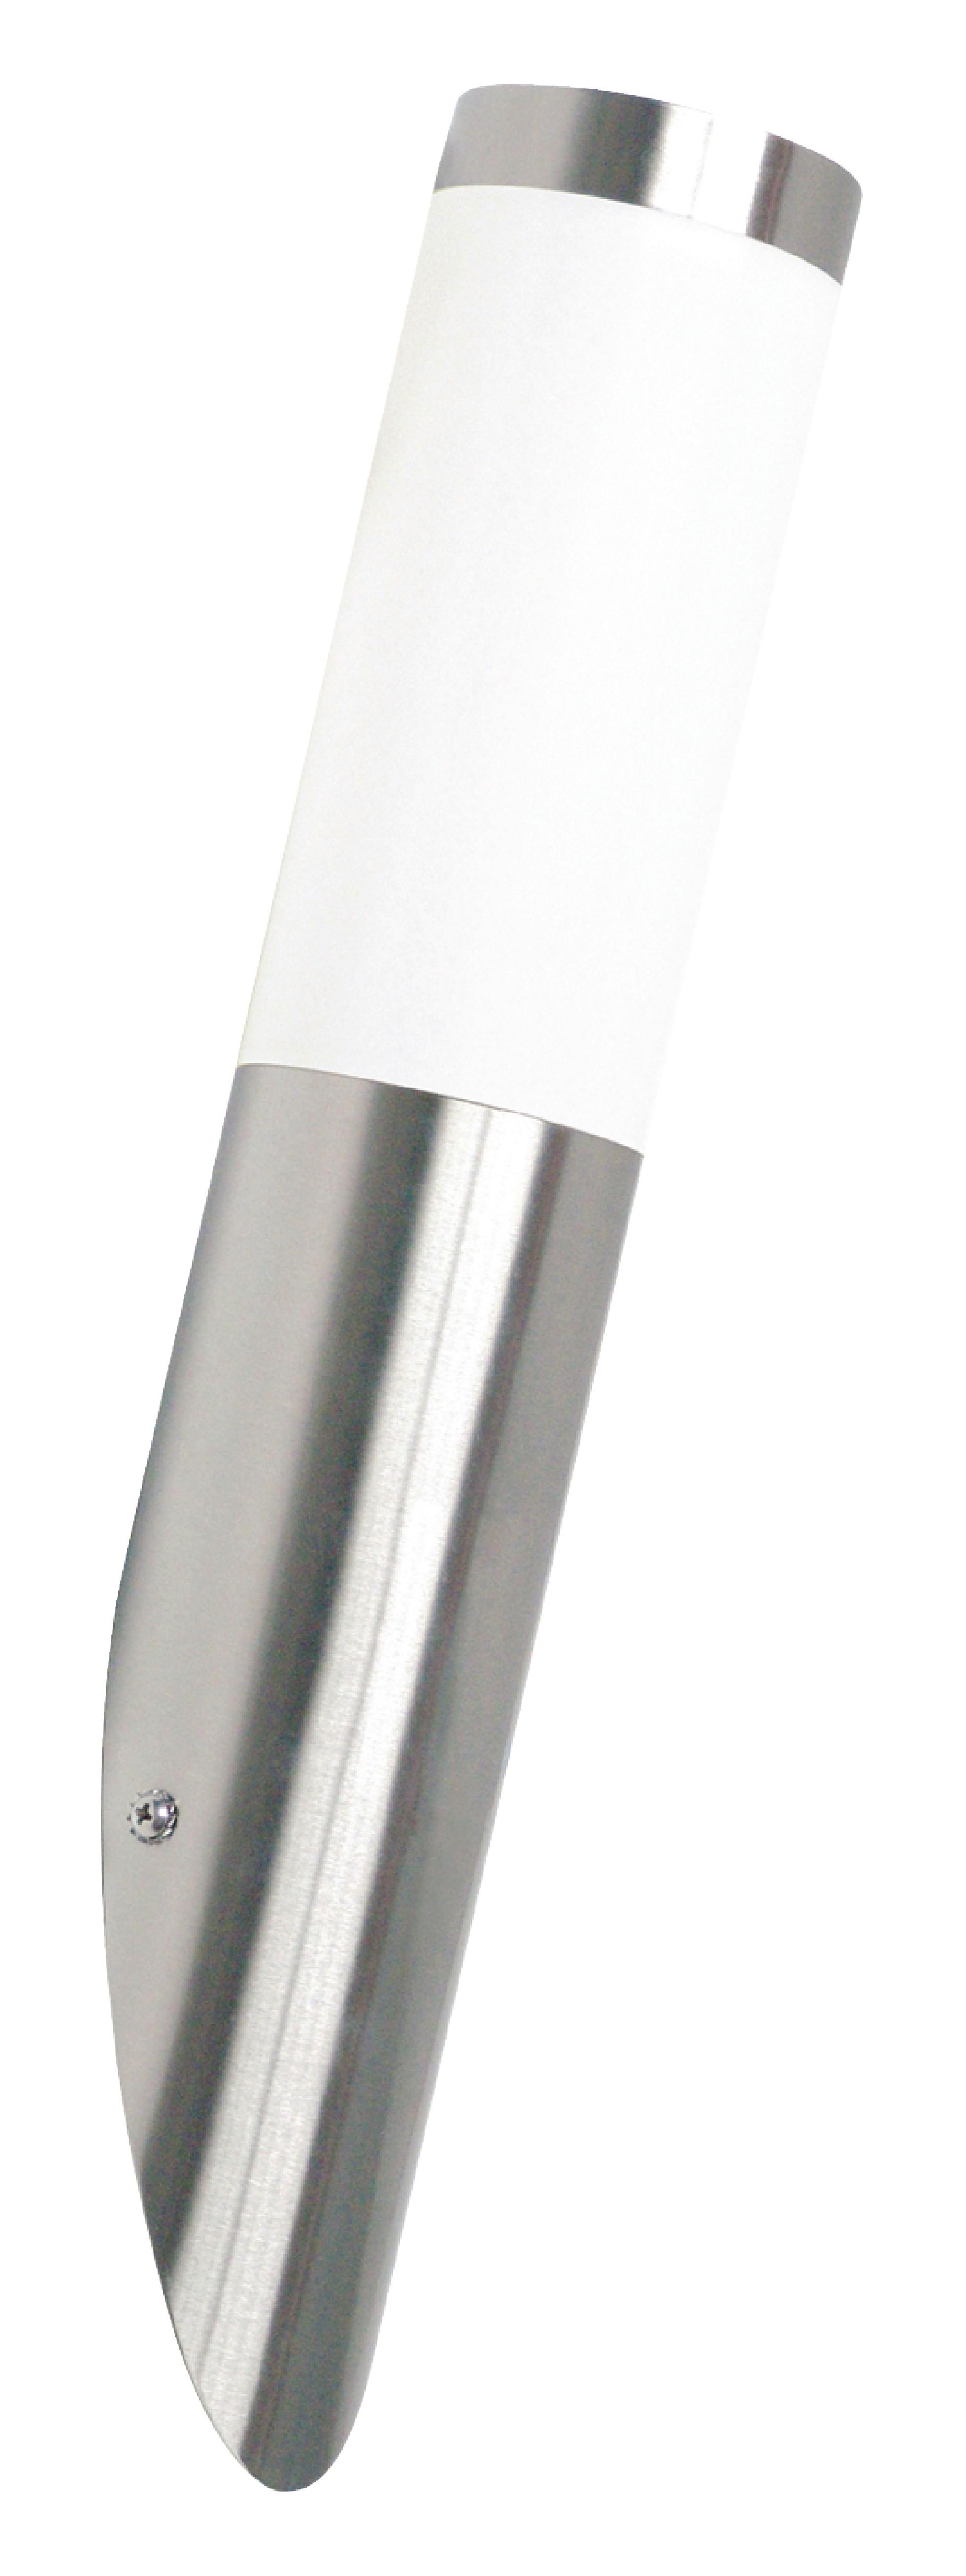 Venkovní šikmé nástěnné svítidlo E27 Ranex RX1010